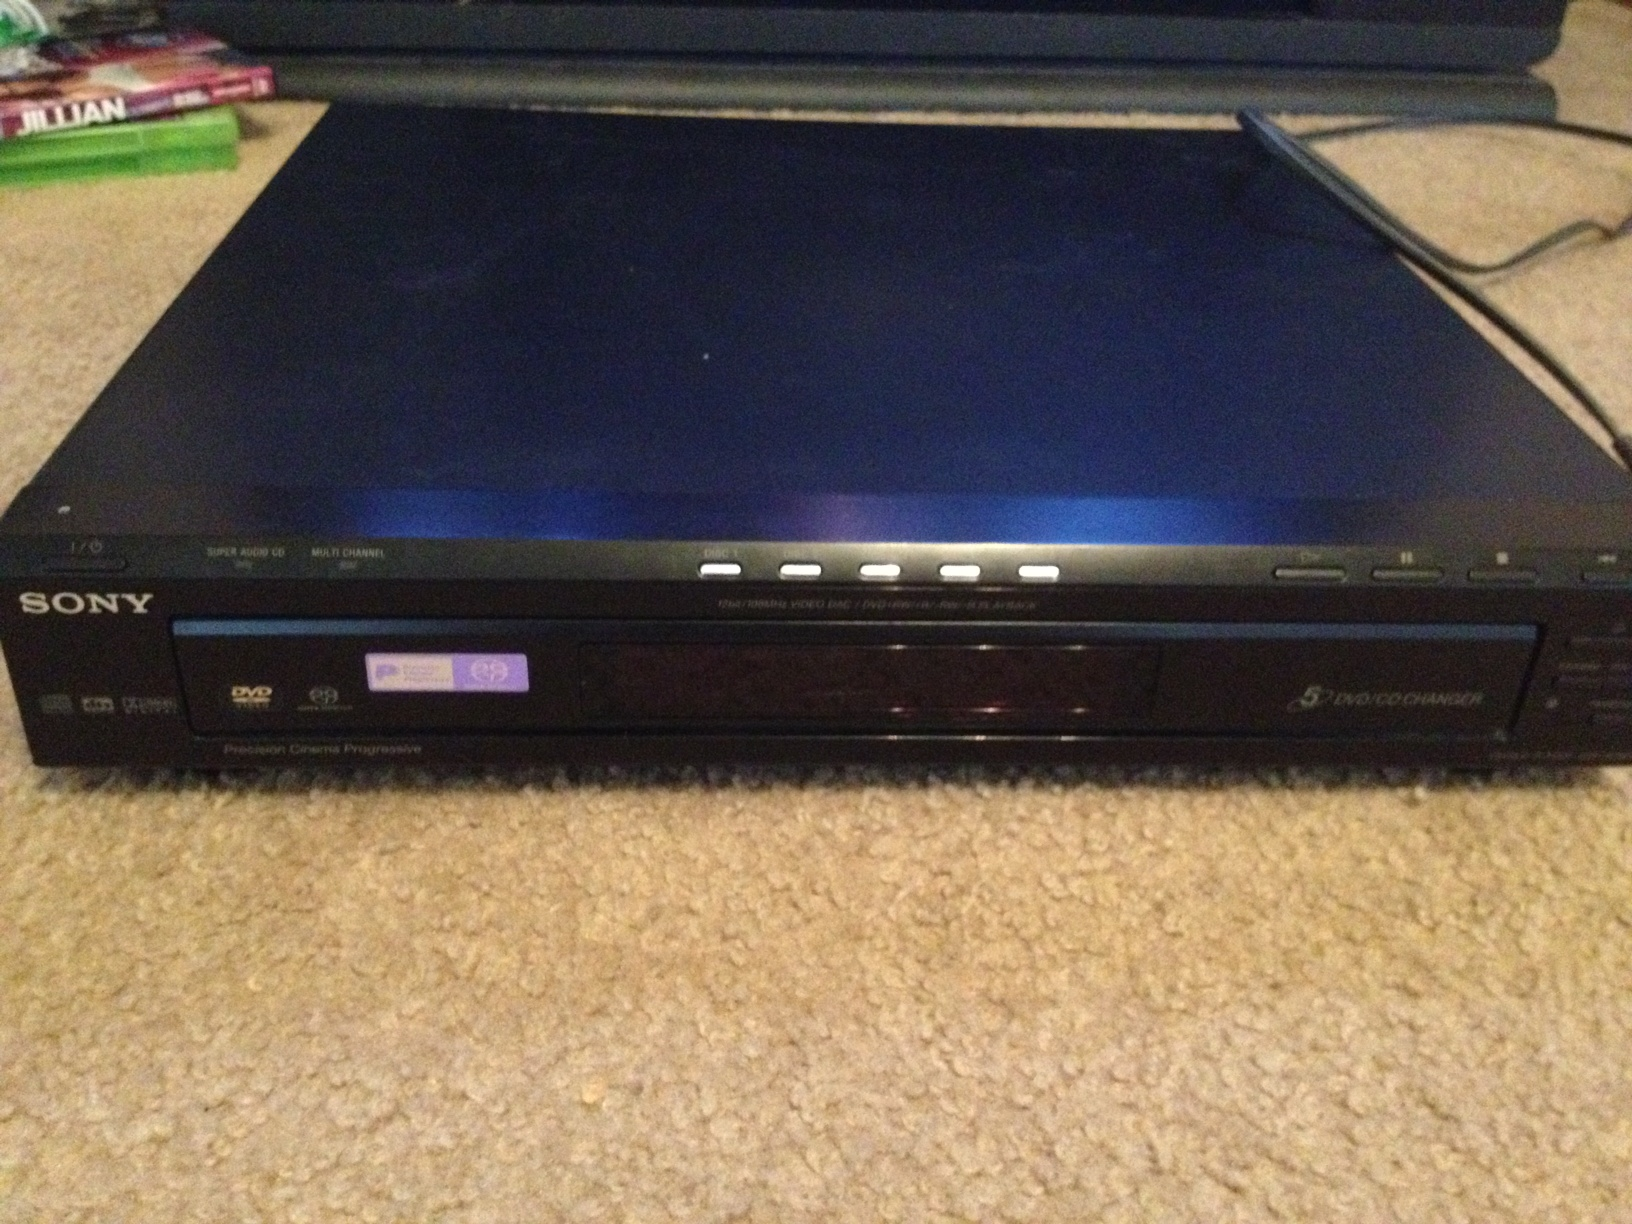 Sony 5 Disc CD/DVD Changer DVDNC80V /Remote